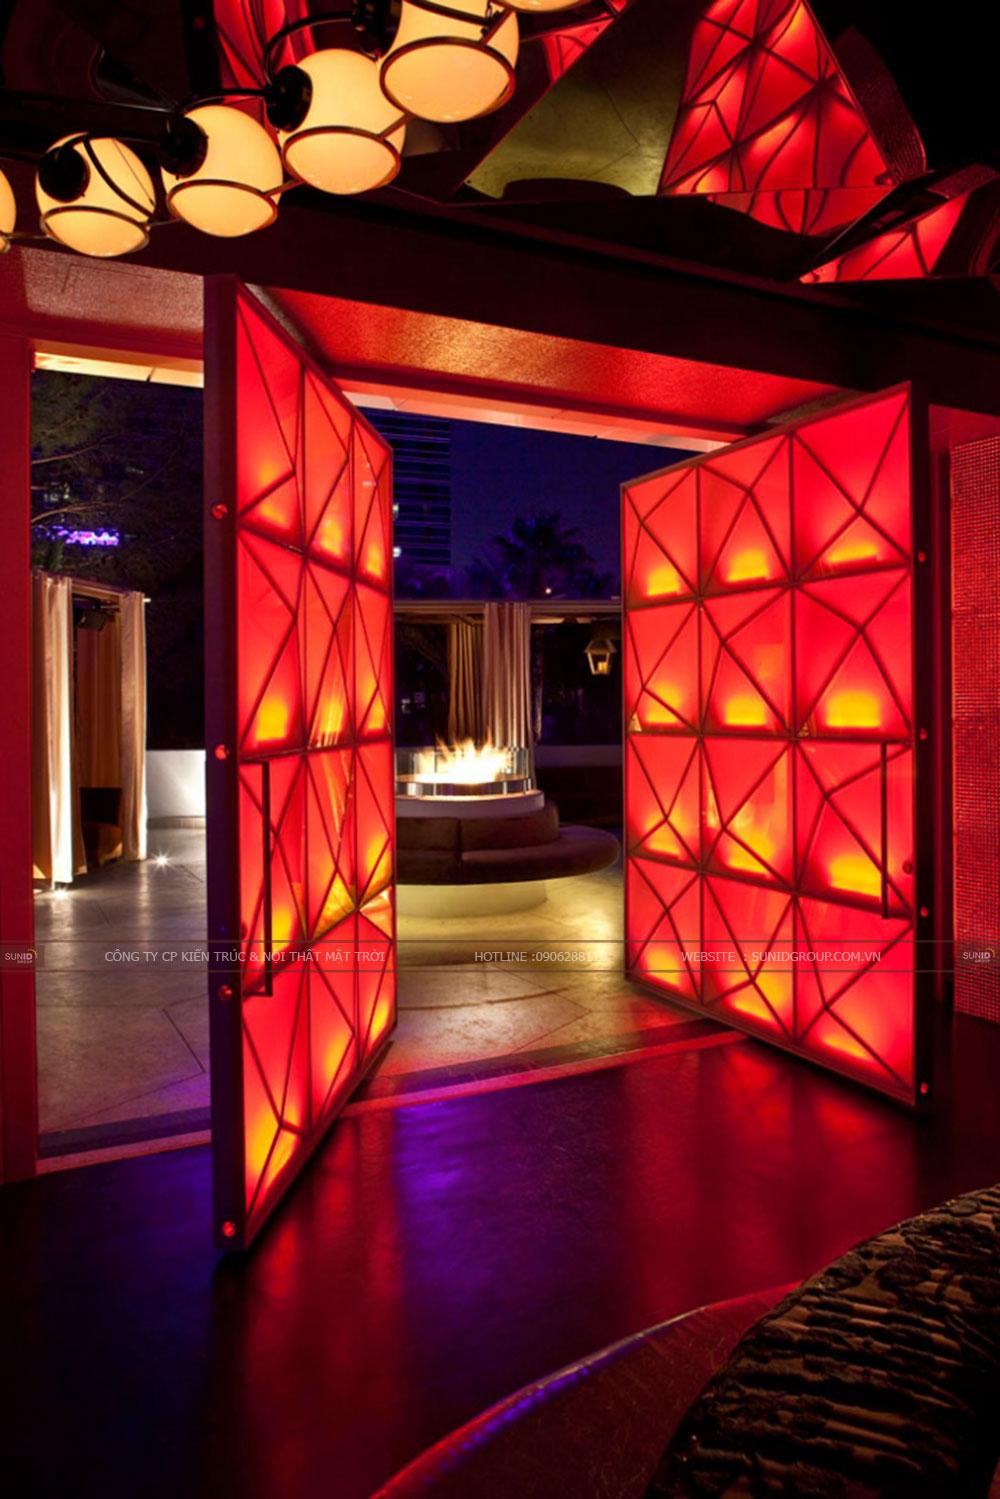 Thiết kế thi công nội thất quán Bar đẹp đẳng cấp